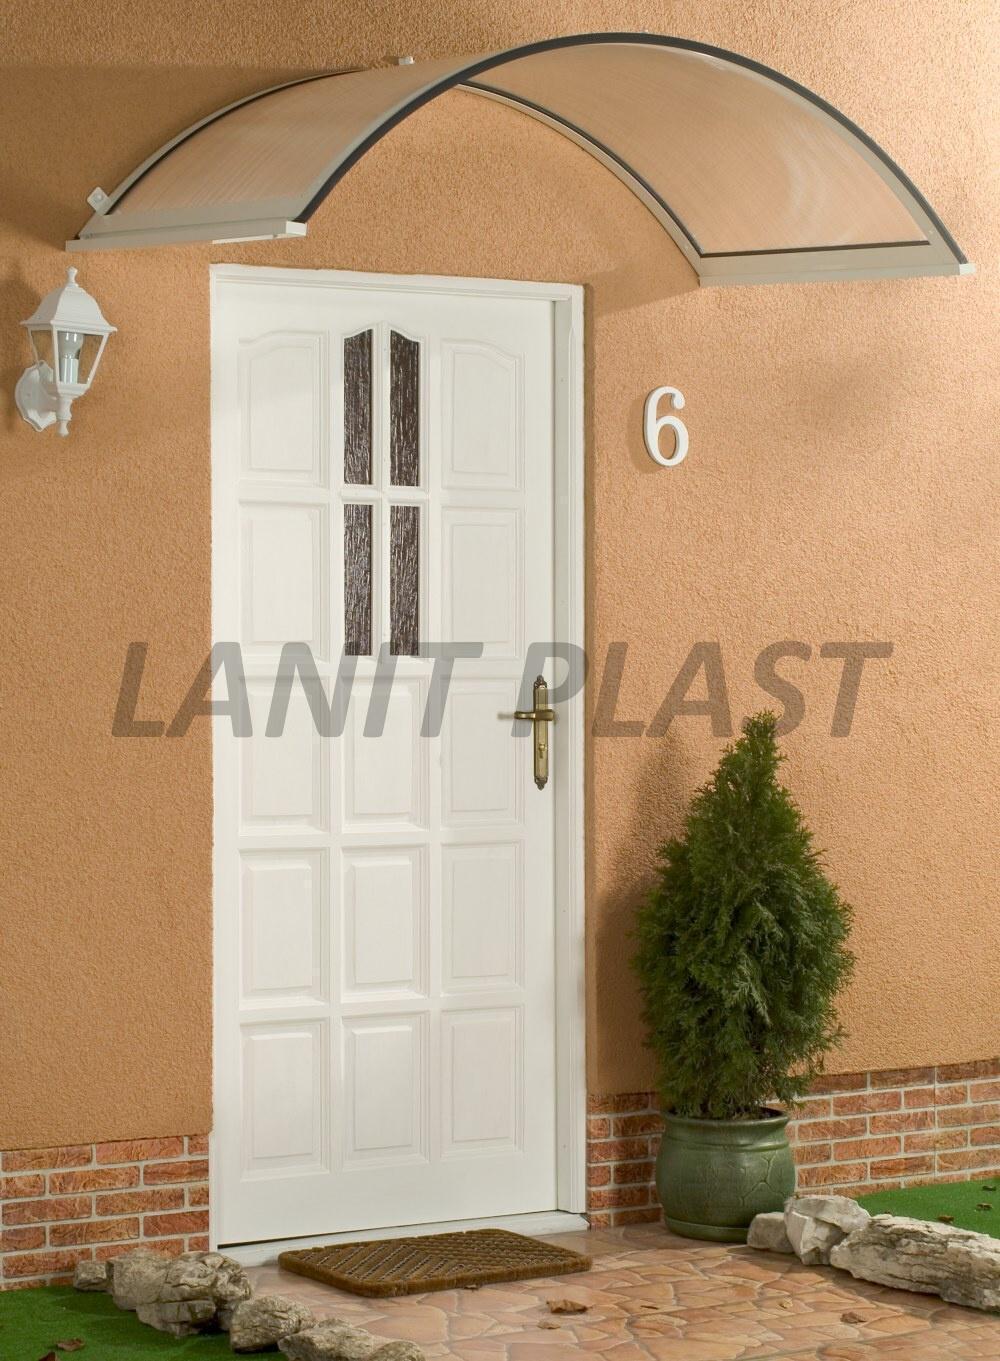 Vchodová stříška ONYX 250/90 bílá LANITPLAST